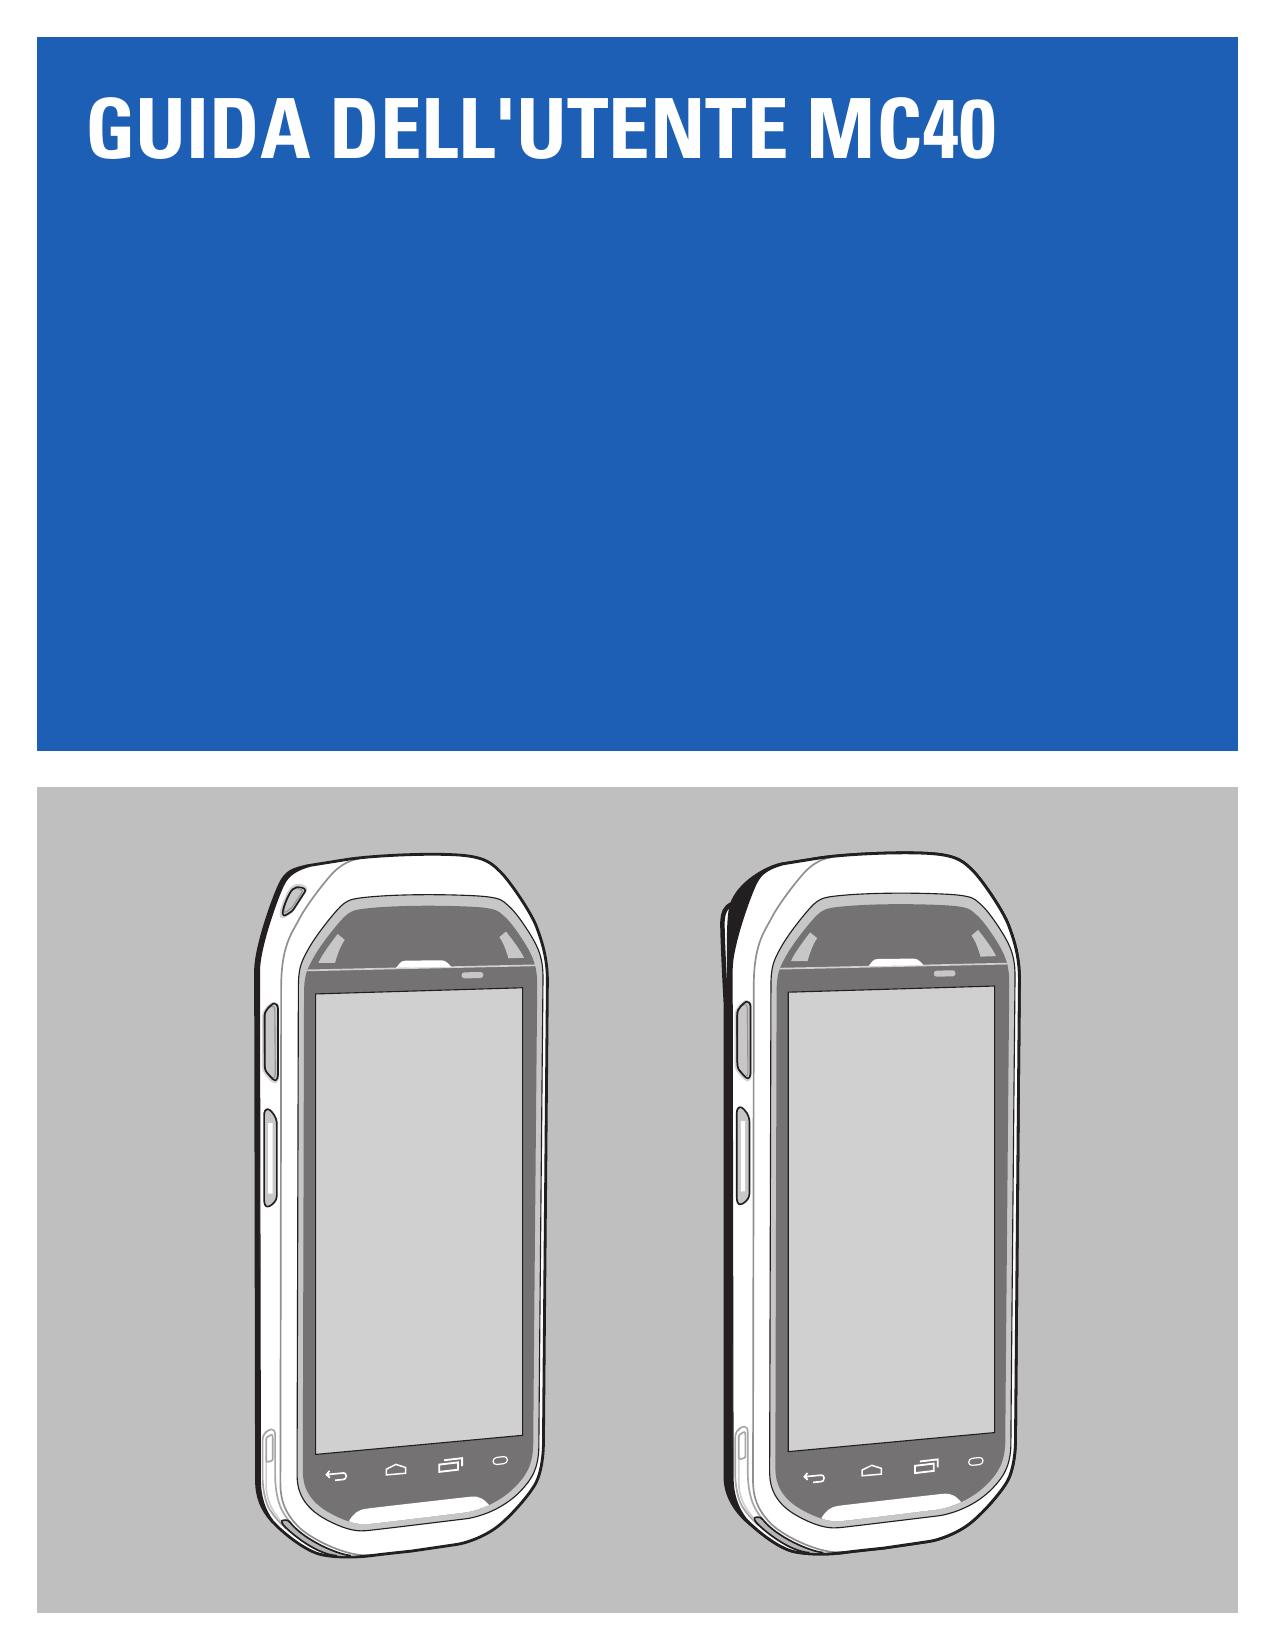 Guida dell`utente MC40 | manualzz com